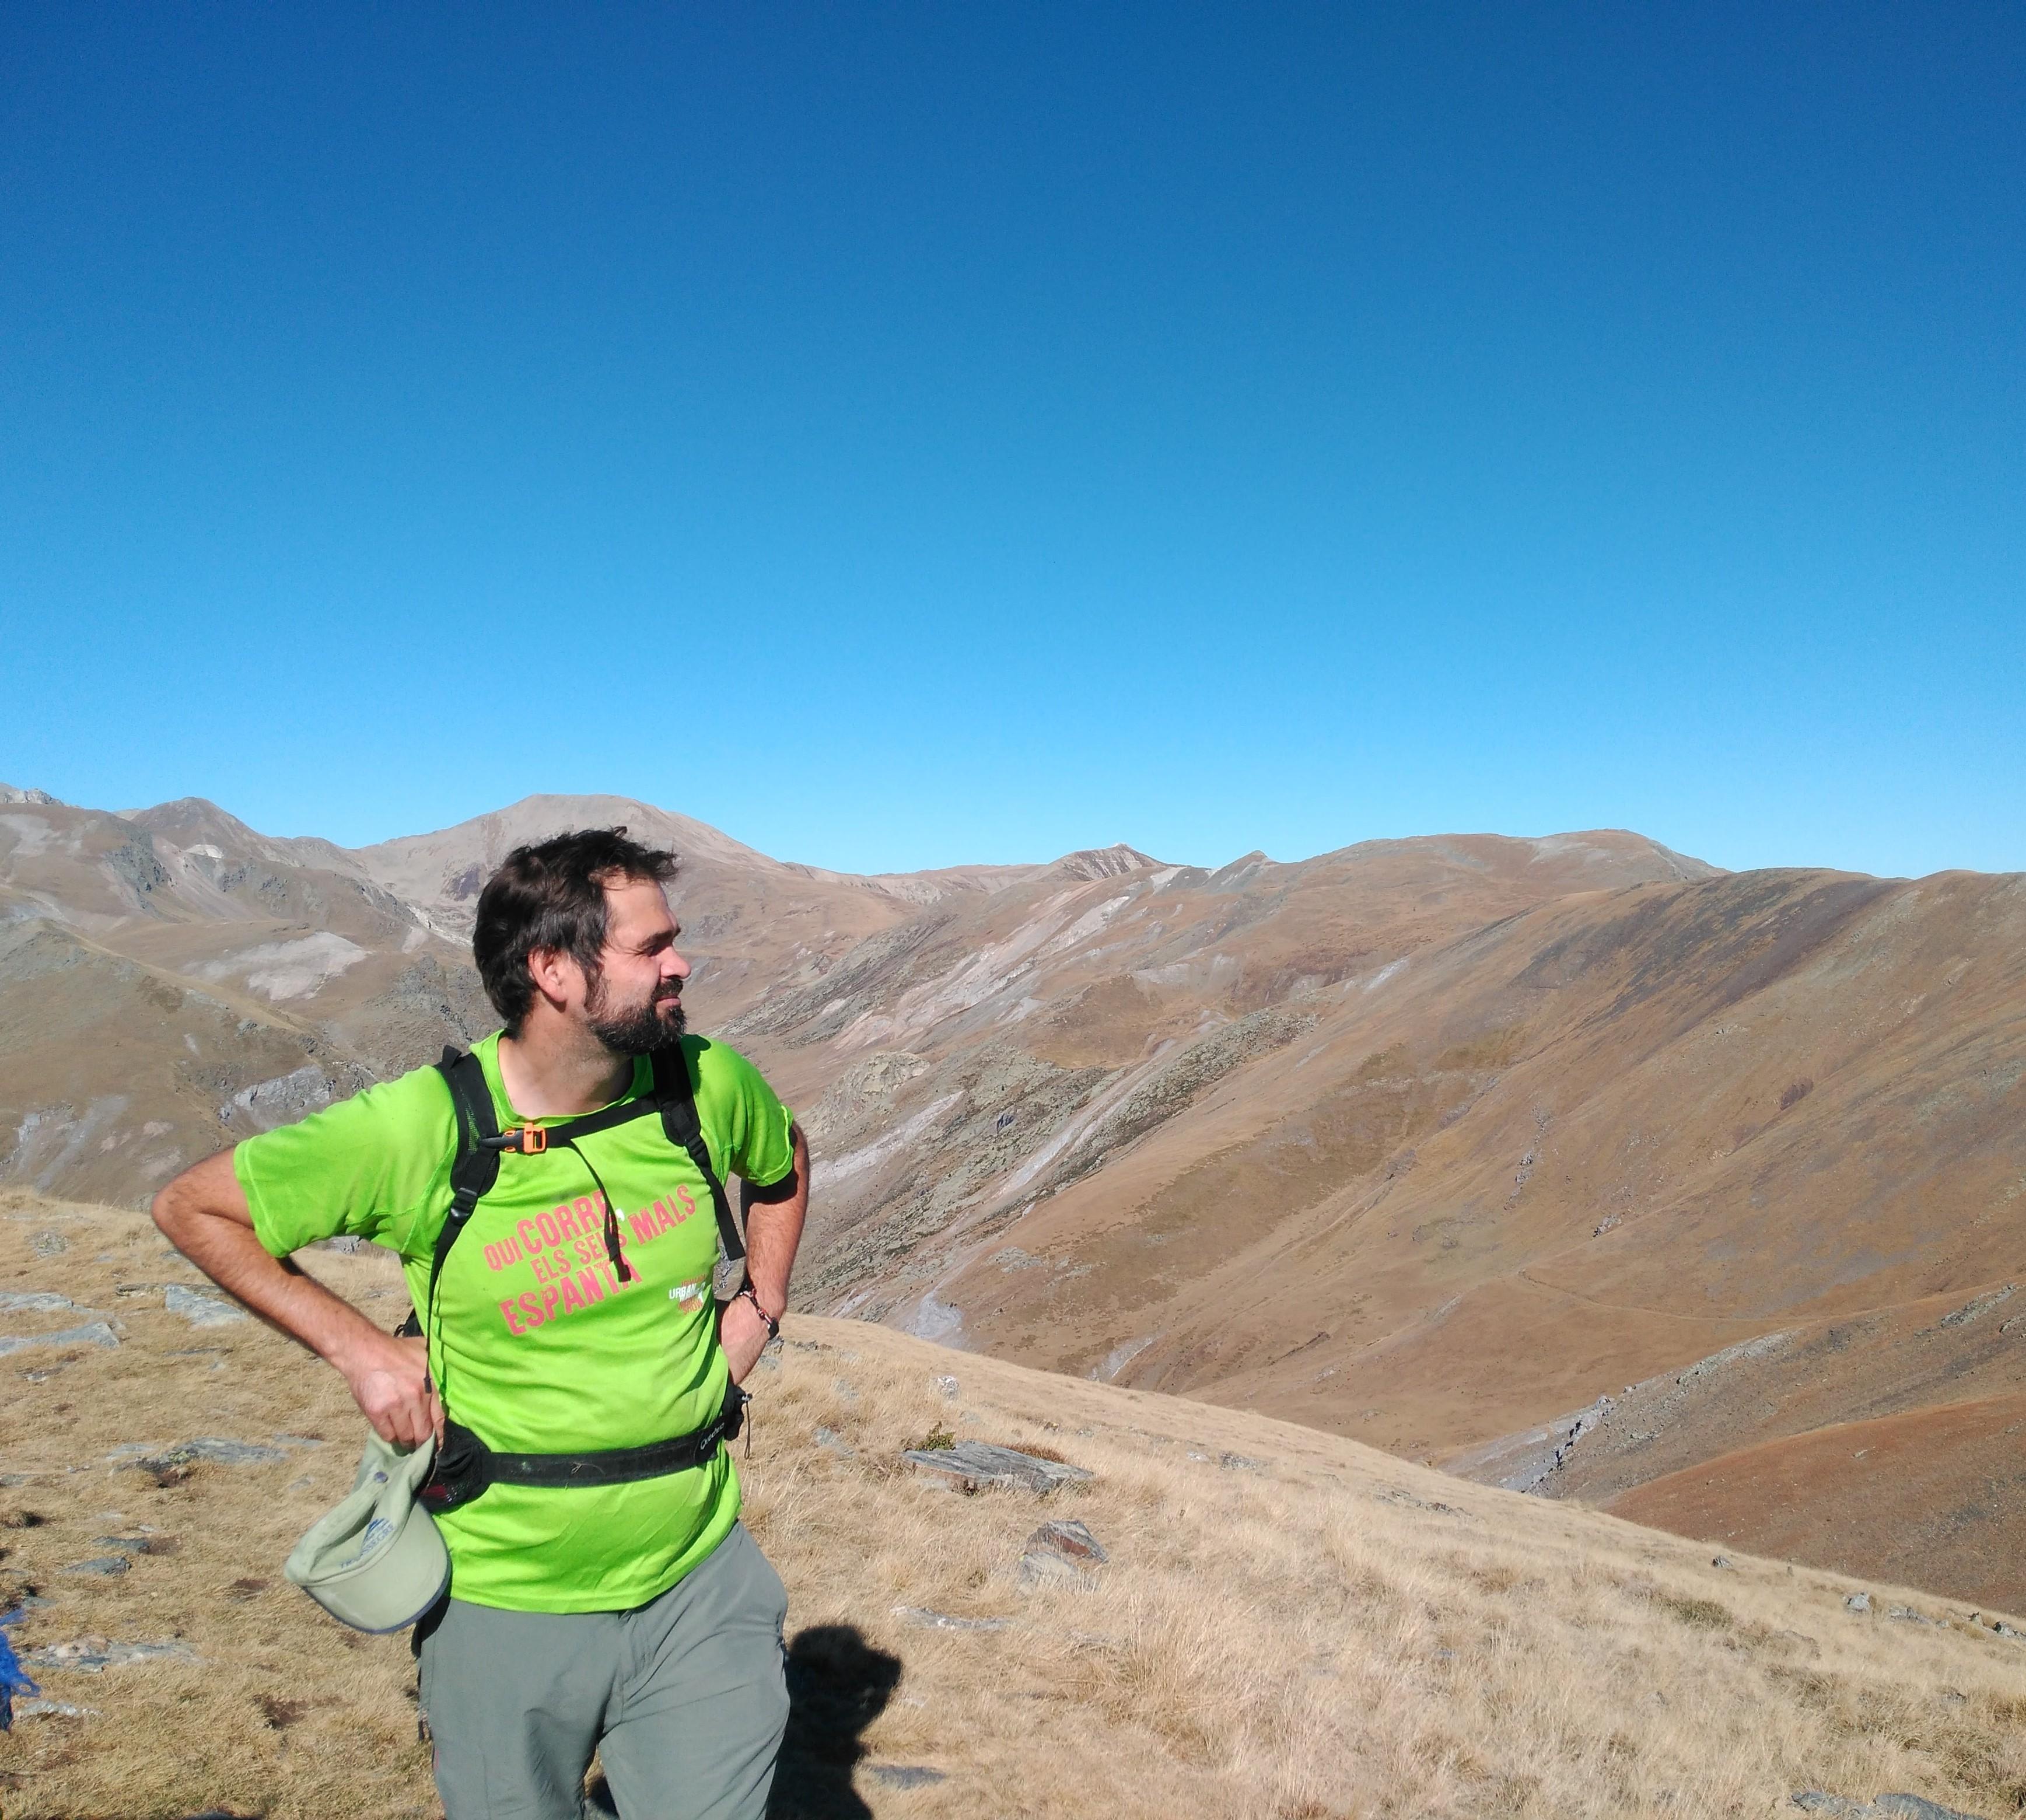 viatjar amb autonomia amb LikeCamper